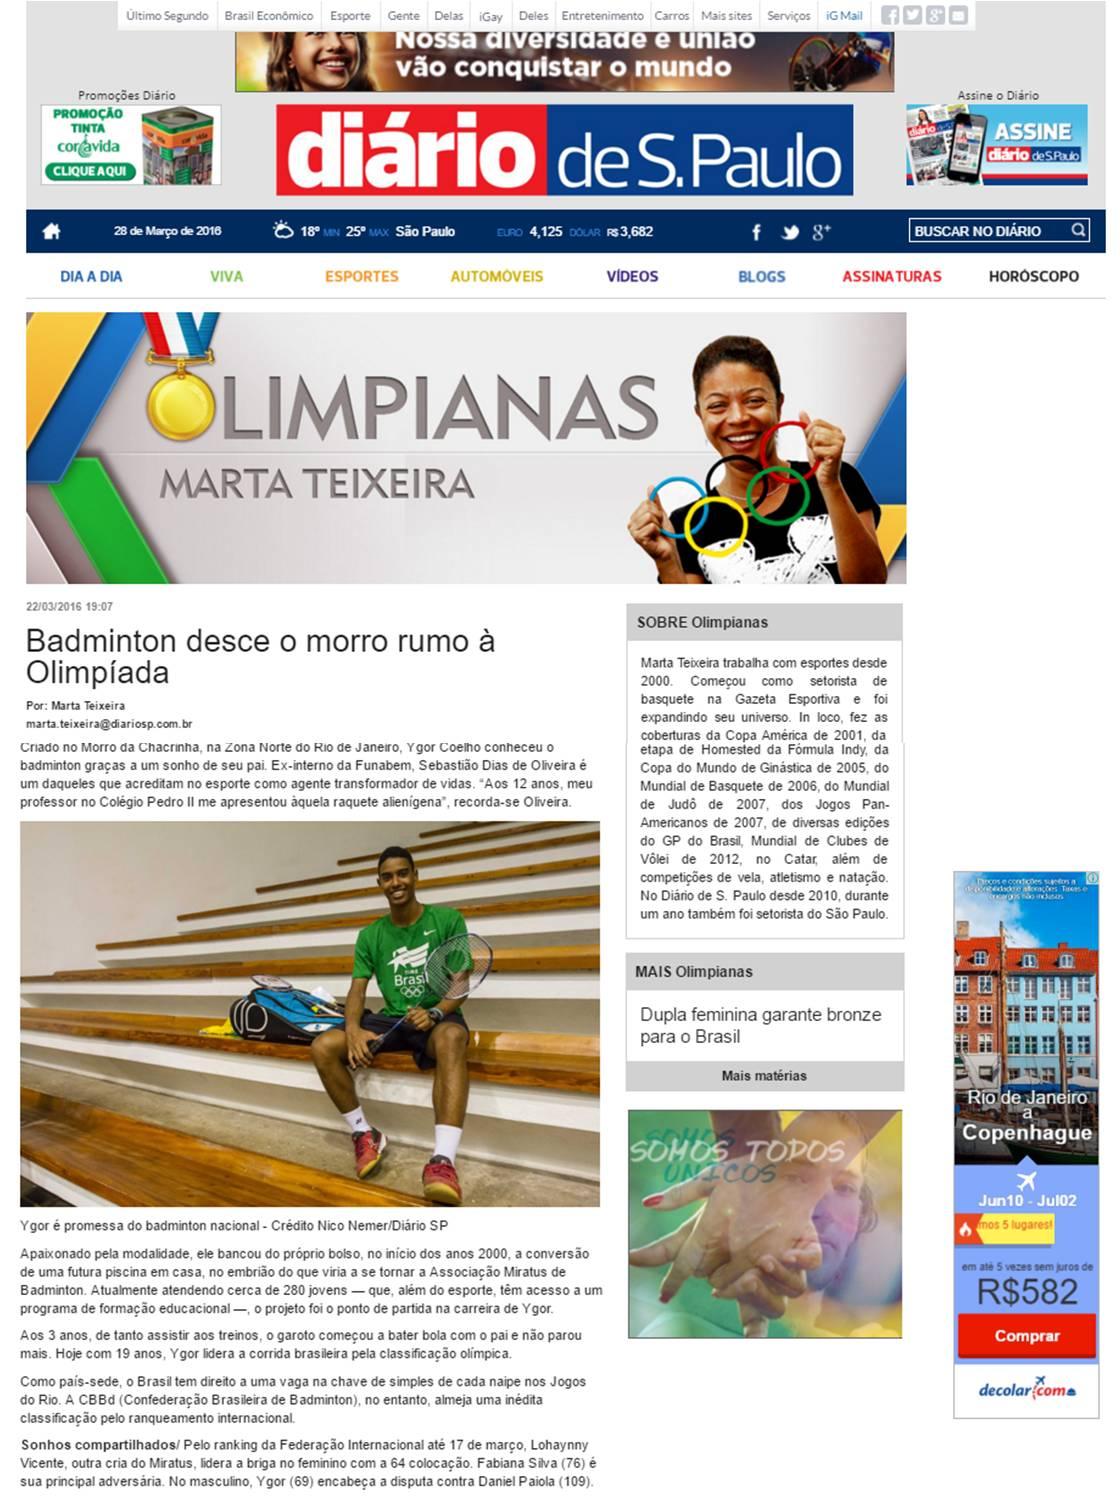 2016 03 22 Diario de SP